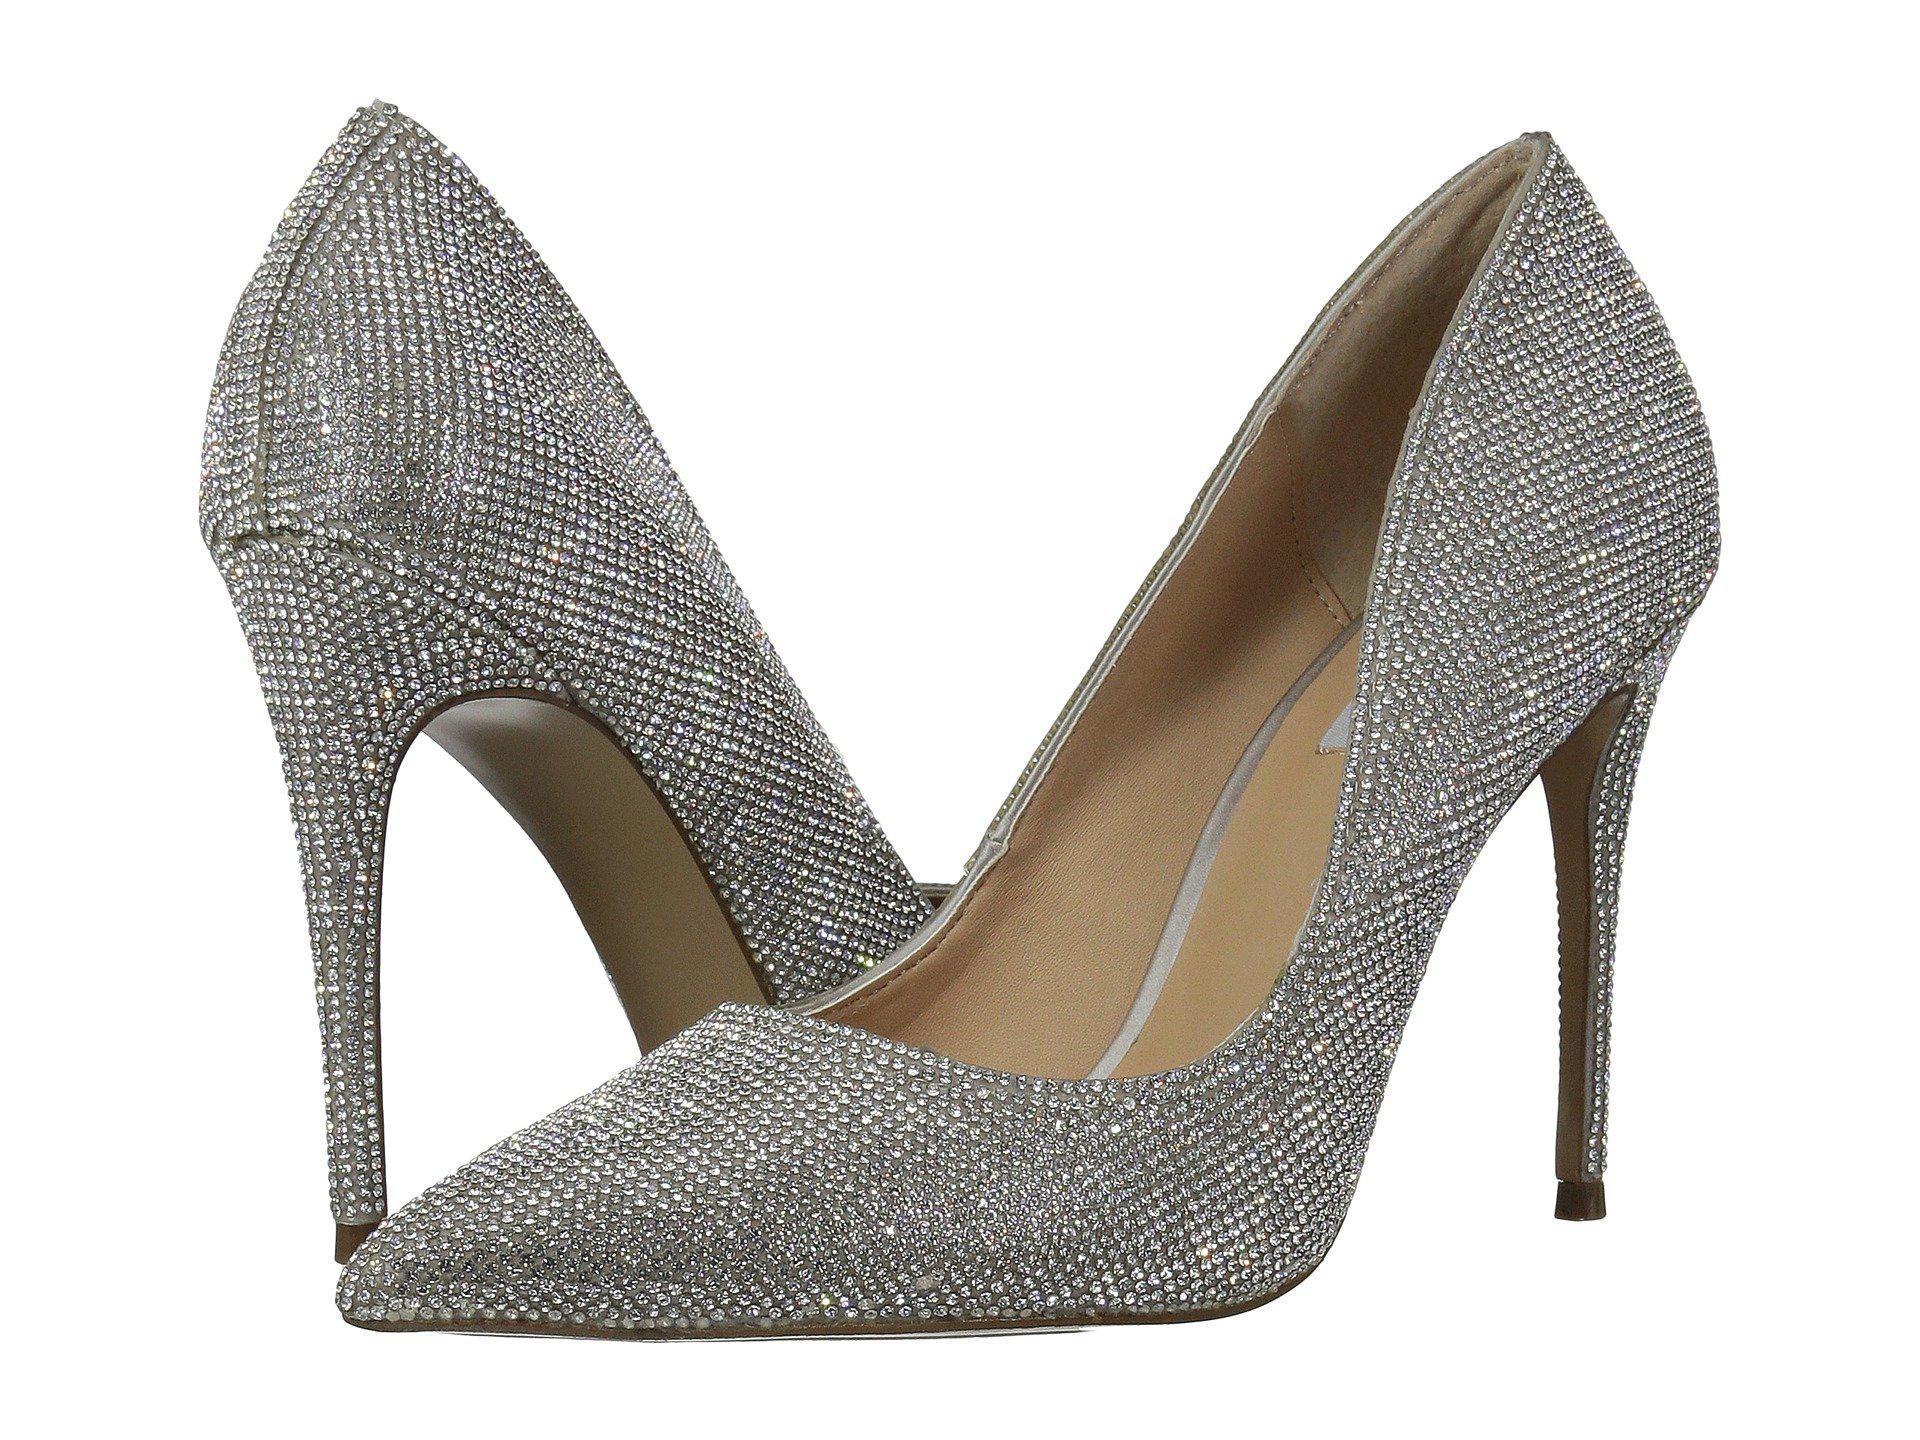 c6edb235ce Steve Madden Daisie Pump (dark Blush Patent) Women's Shoes - Lyst